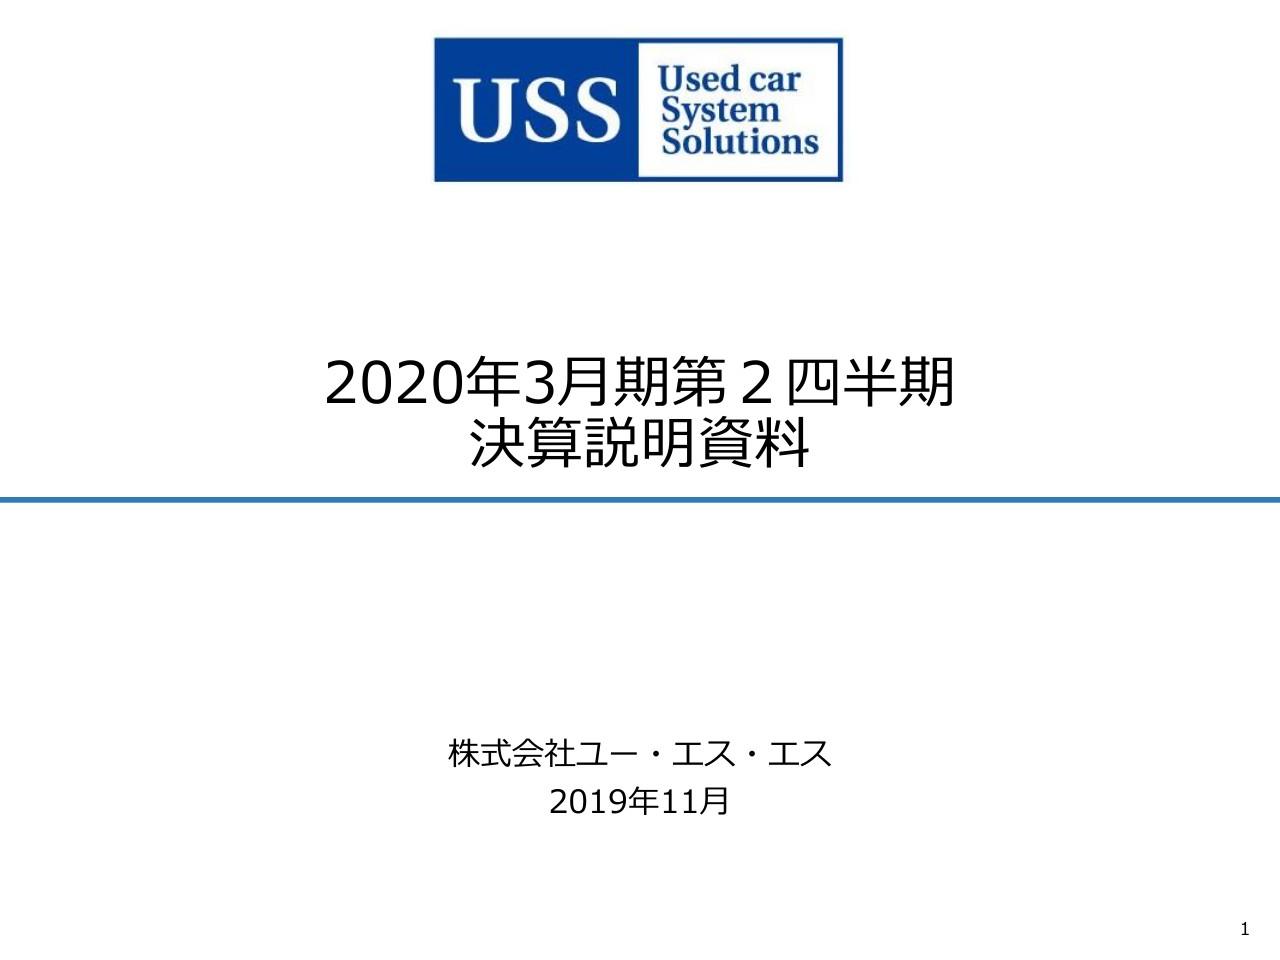 ユー・エス・エス、2Qは減収減益 グループ化したJAA会場とHAA神戸会場の出品・成約数減少が要因